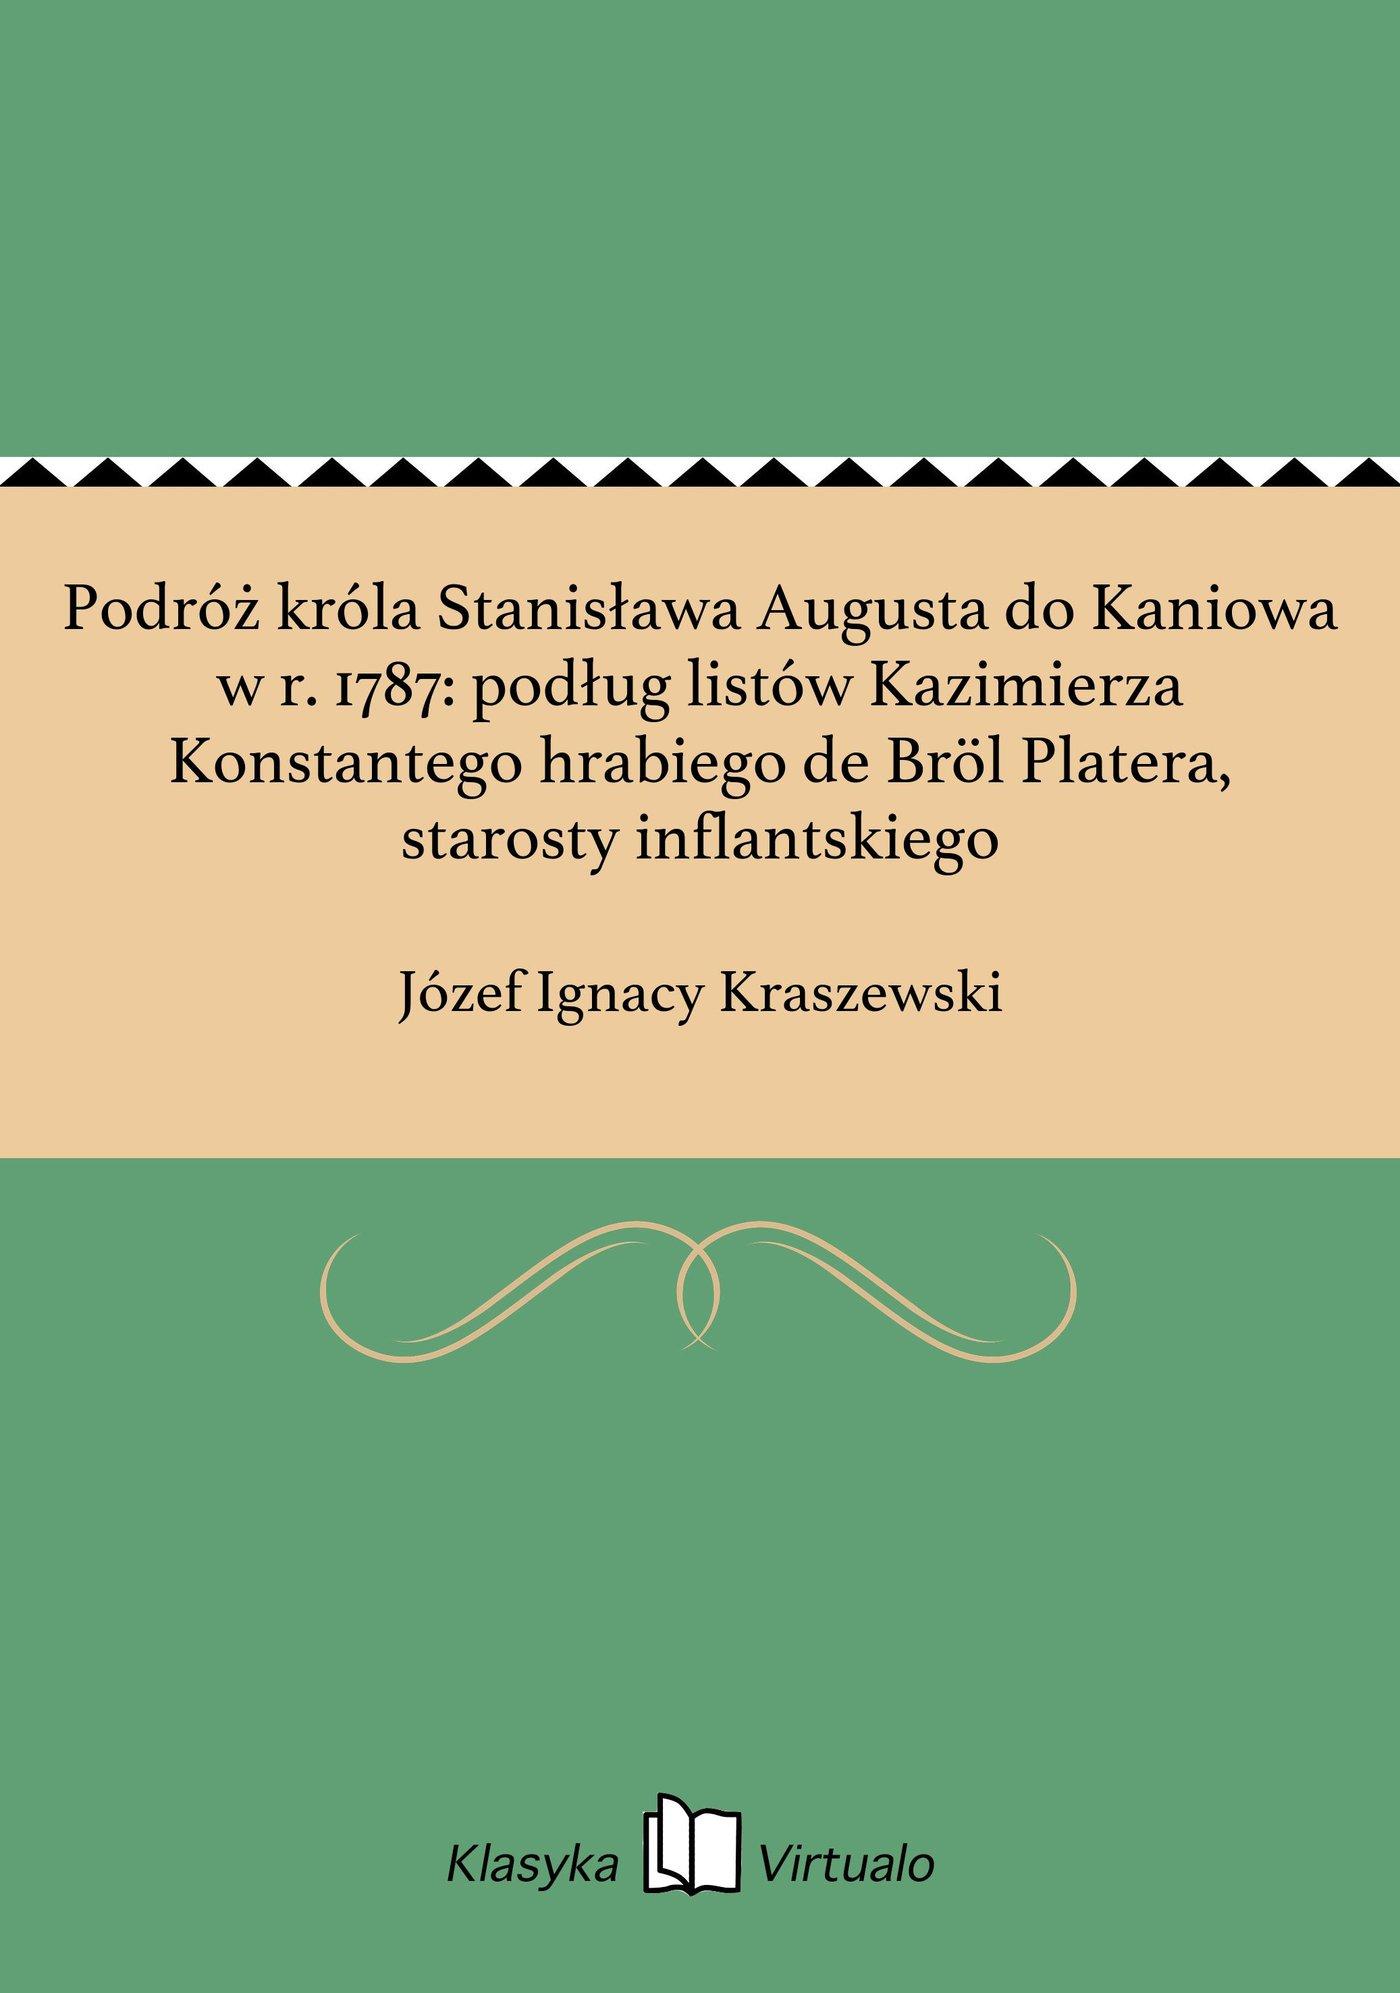 Podróż króla Stanisława Augusta do Kaniowa w r. 1787: podług listów Kazimierza Konstantego hrabiego de Bröl Platera, starosty inflantskiego - Ebook (Książka na Kindle) do pobrania w formacie MOBI